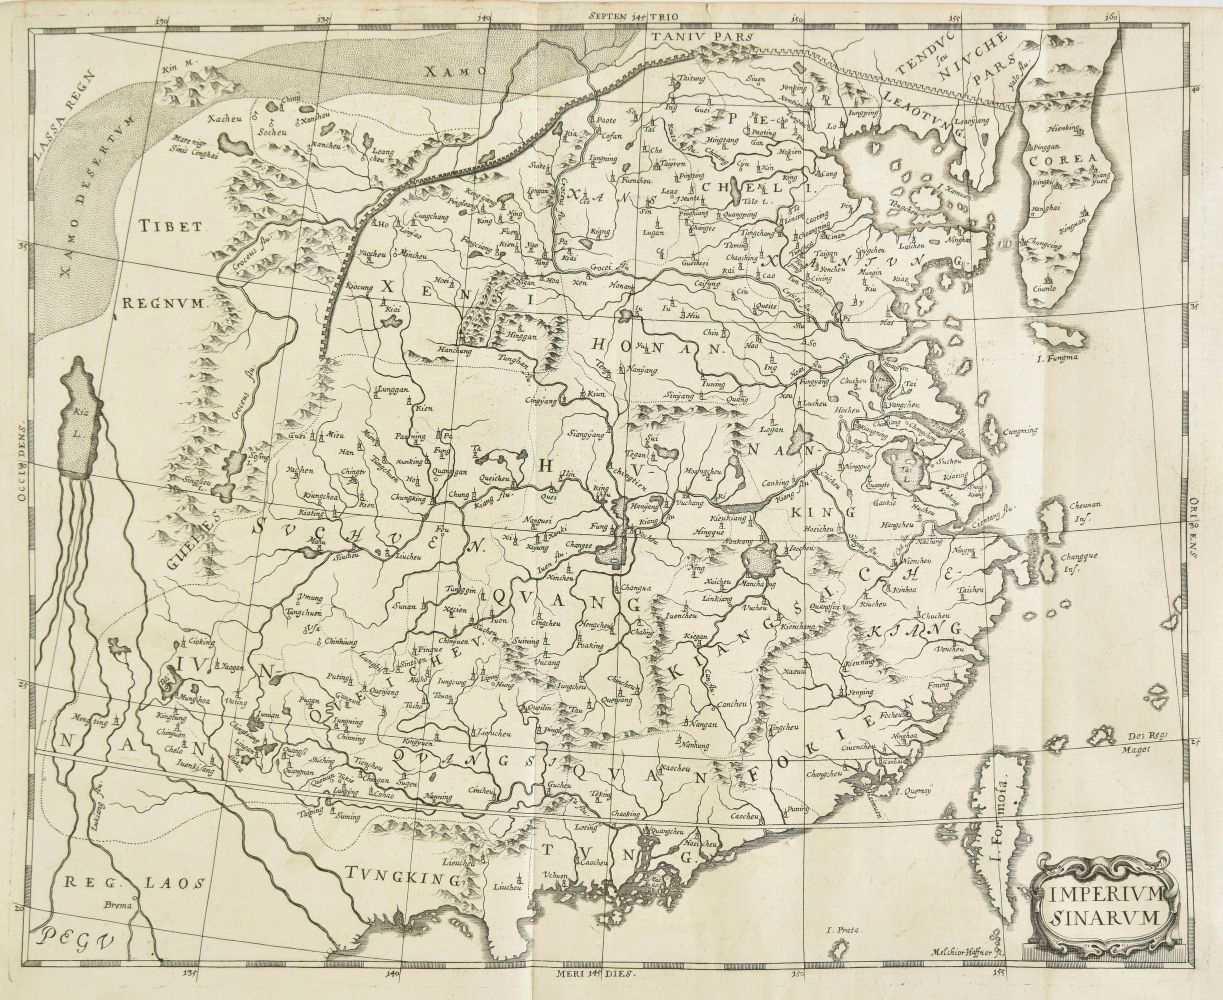 Lot 19-China. Haffner (Melchior), Imperium Sinarum, Augsburg, circa 1688